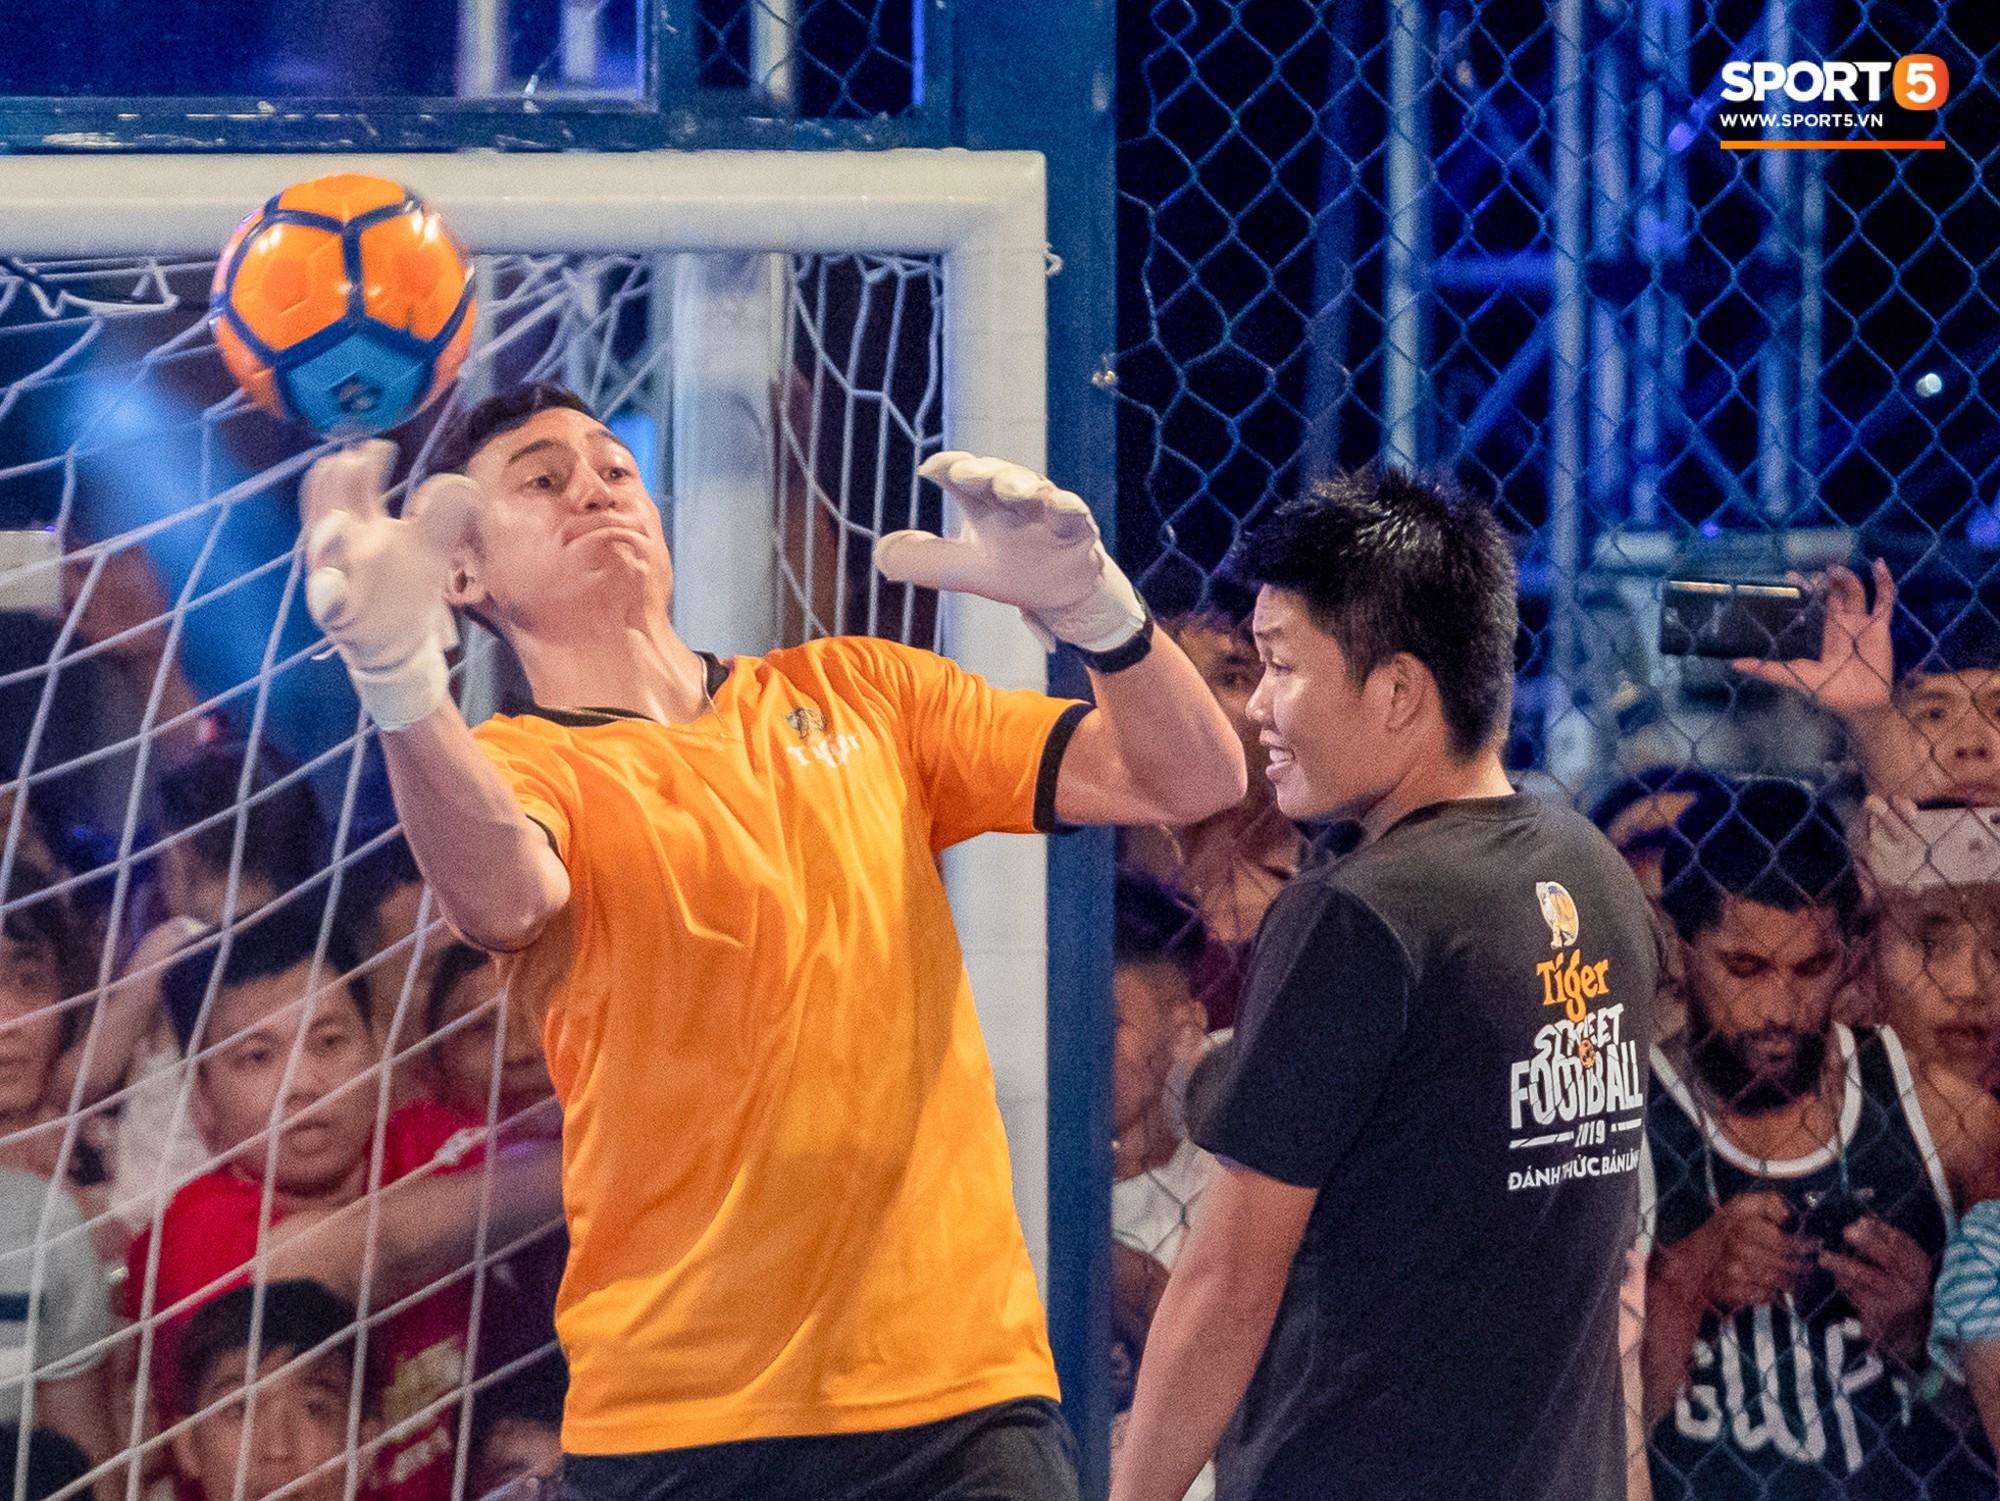 Phát sốt với khoảnh khắc huyền thoại bóng đá thế giới bày trò trêu khiến Lâm Tây cười như được mùa - Ảnh 8.